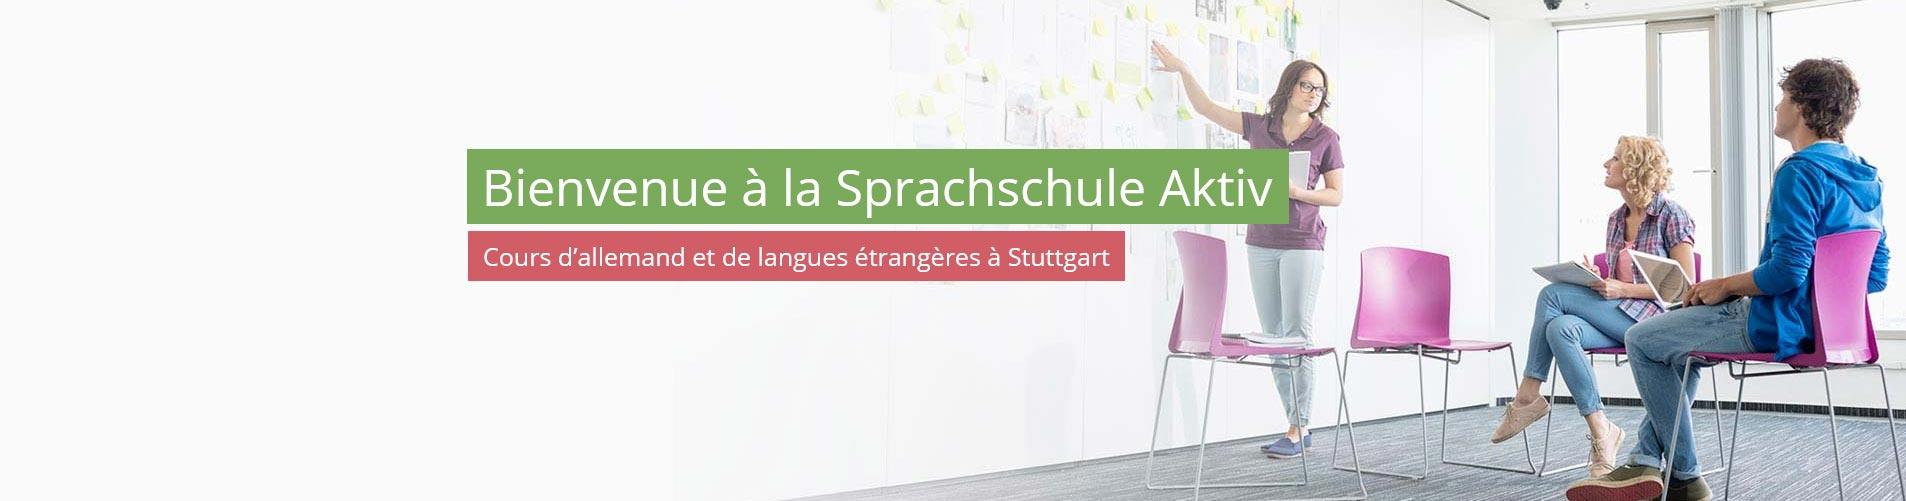 Une école de langue pour apprendre l'allemand - Stuttgart